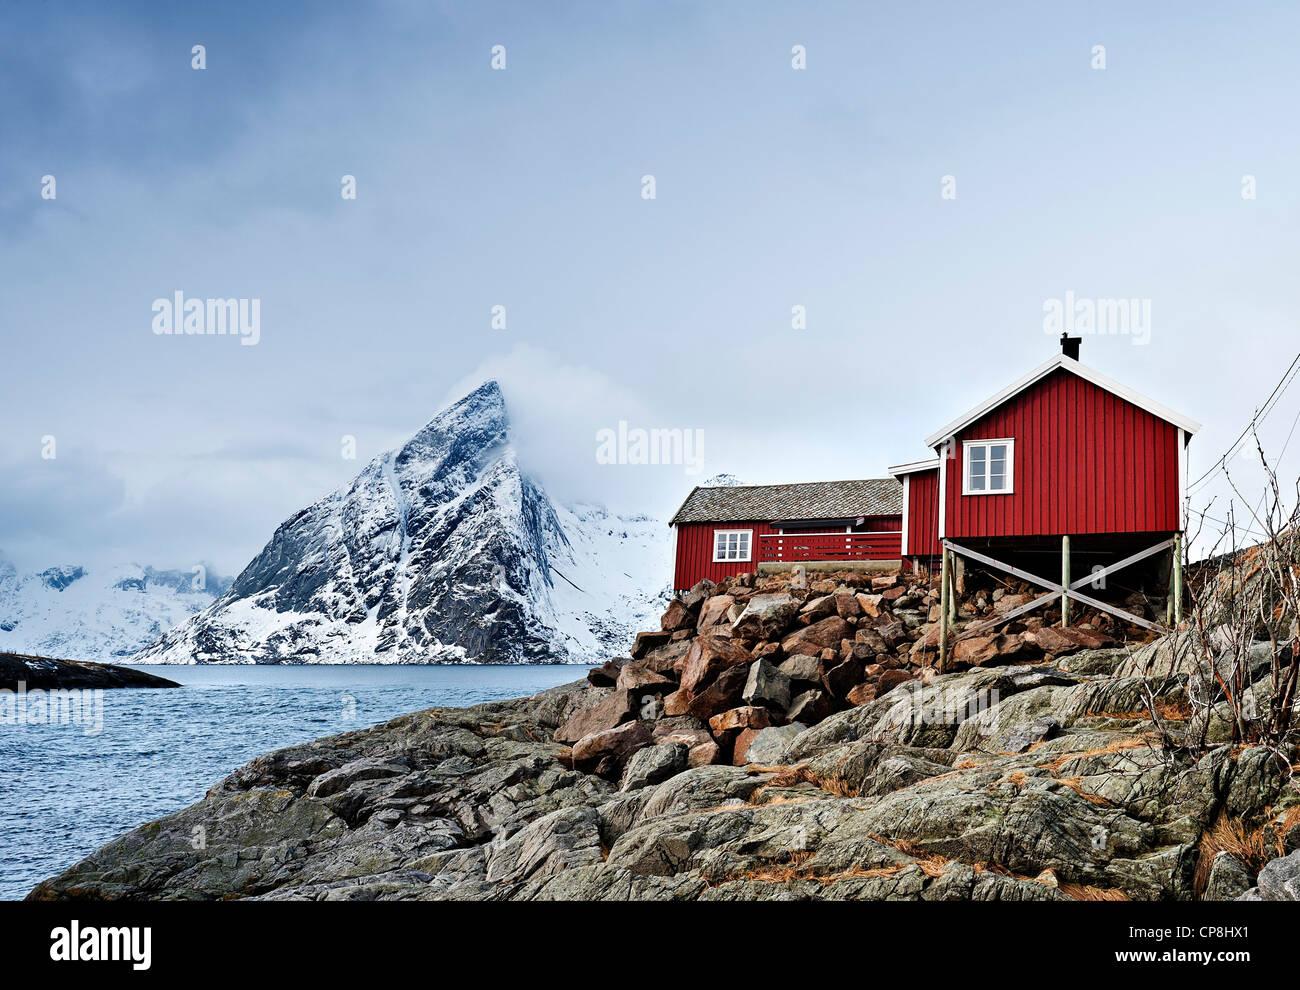 Eine Rorbu (Fischer Hütte, jetzt als Ferienunterkunft genutzt) bei Hamnoy mit Olstind Berg im Hintergrund Stockbild